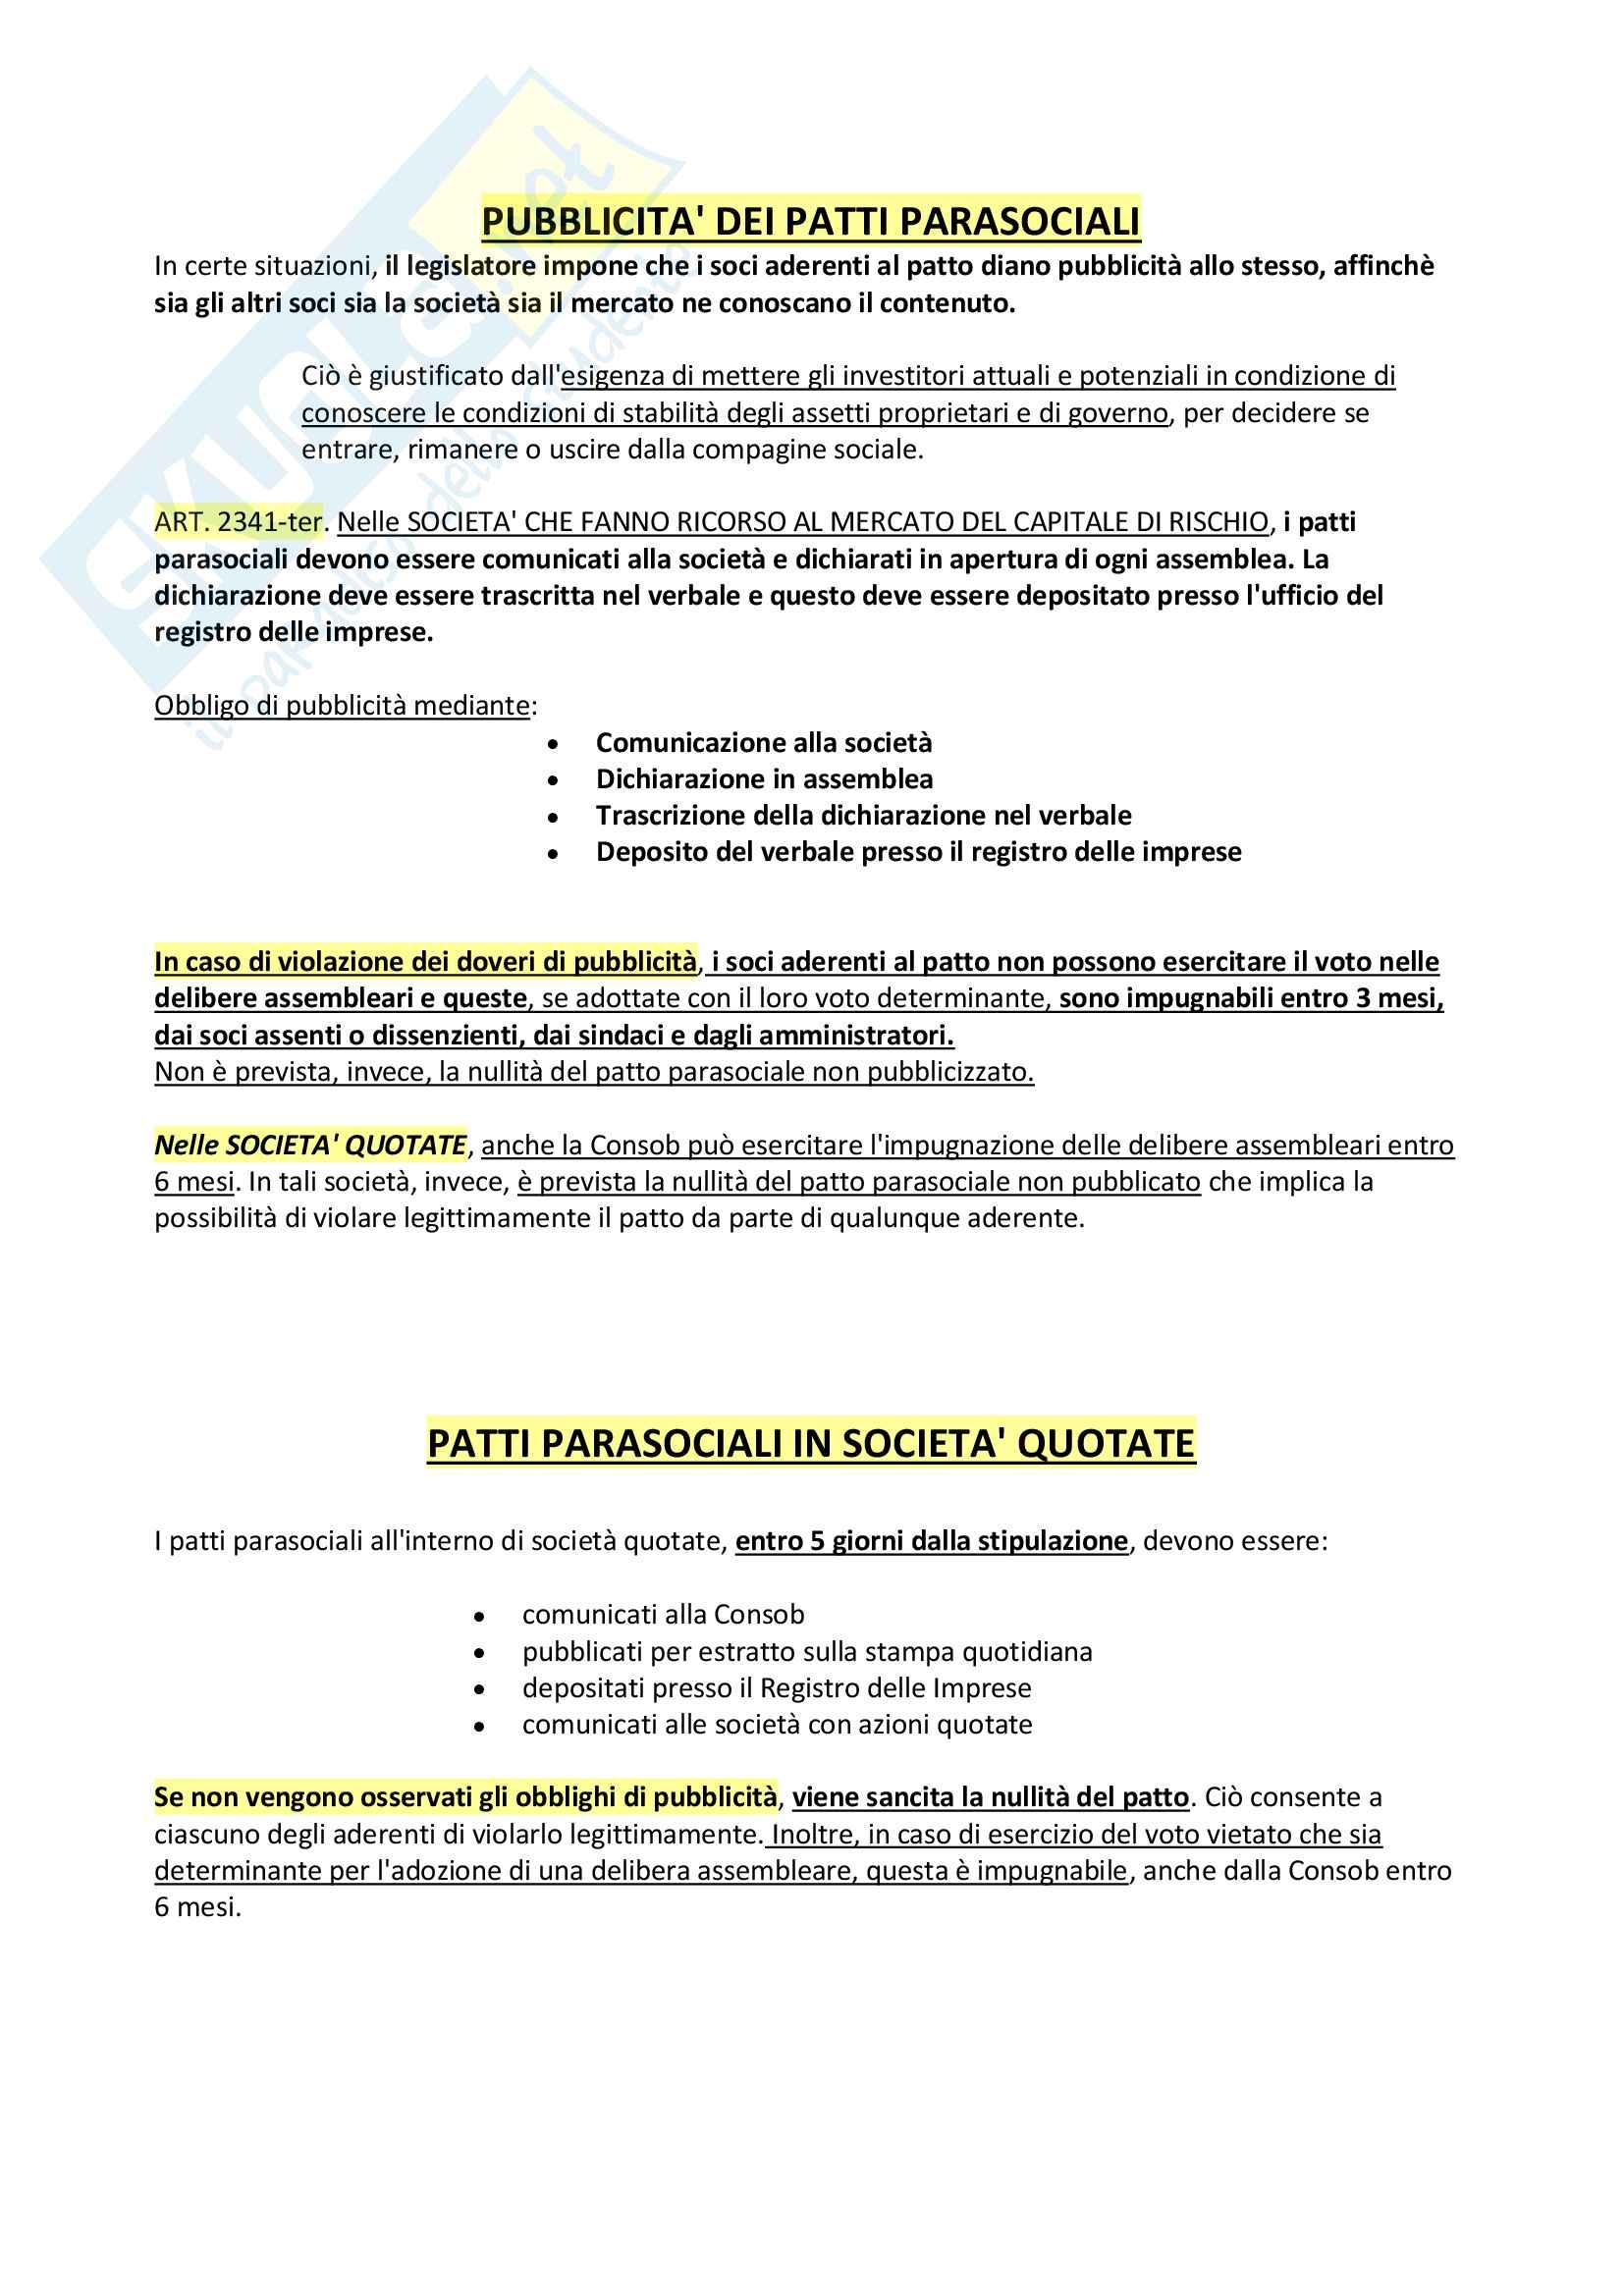 Riassunto + appunti di diritto delle società Pag. 16